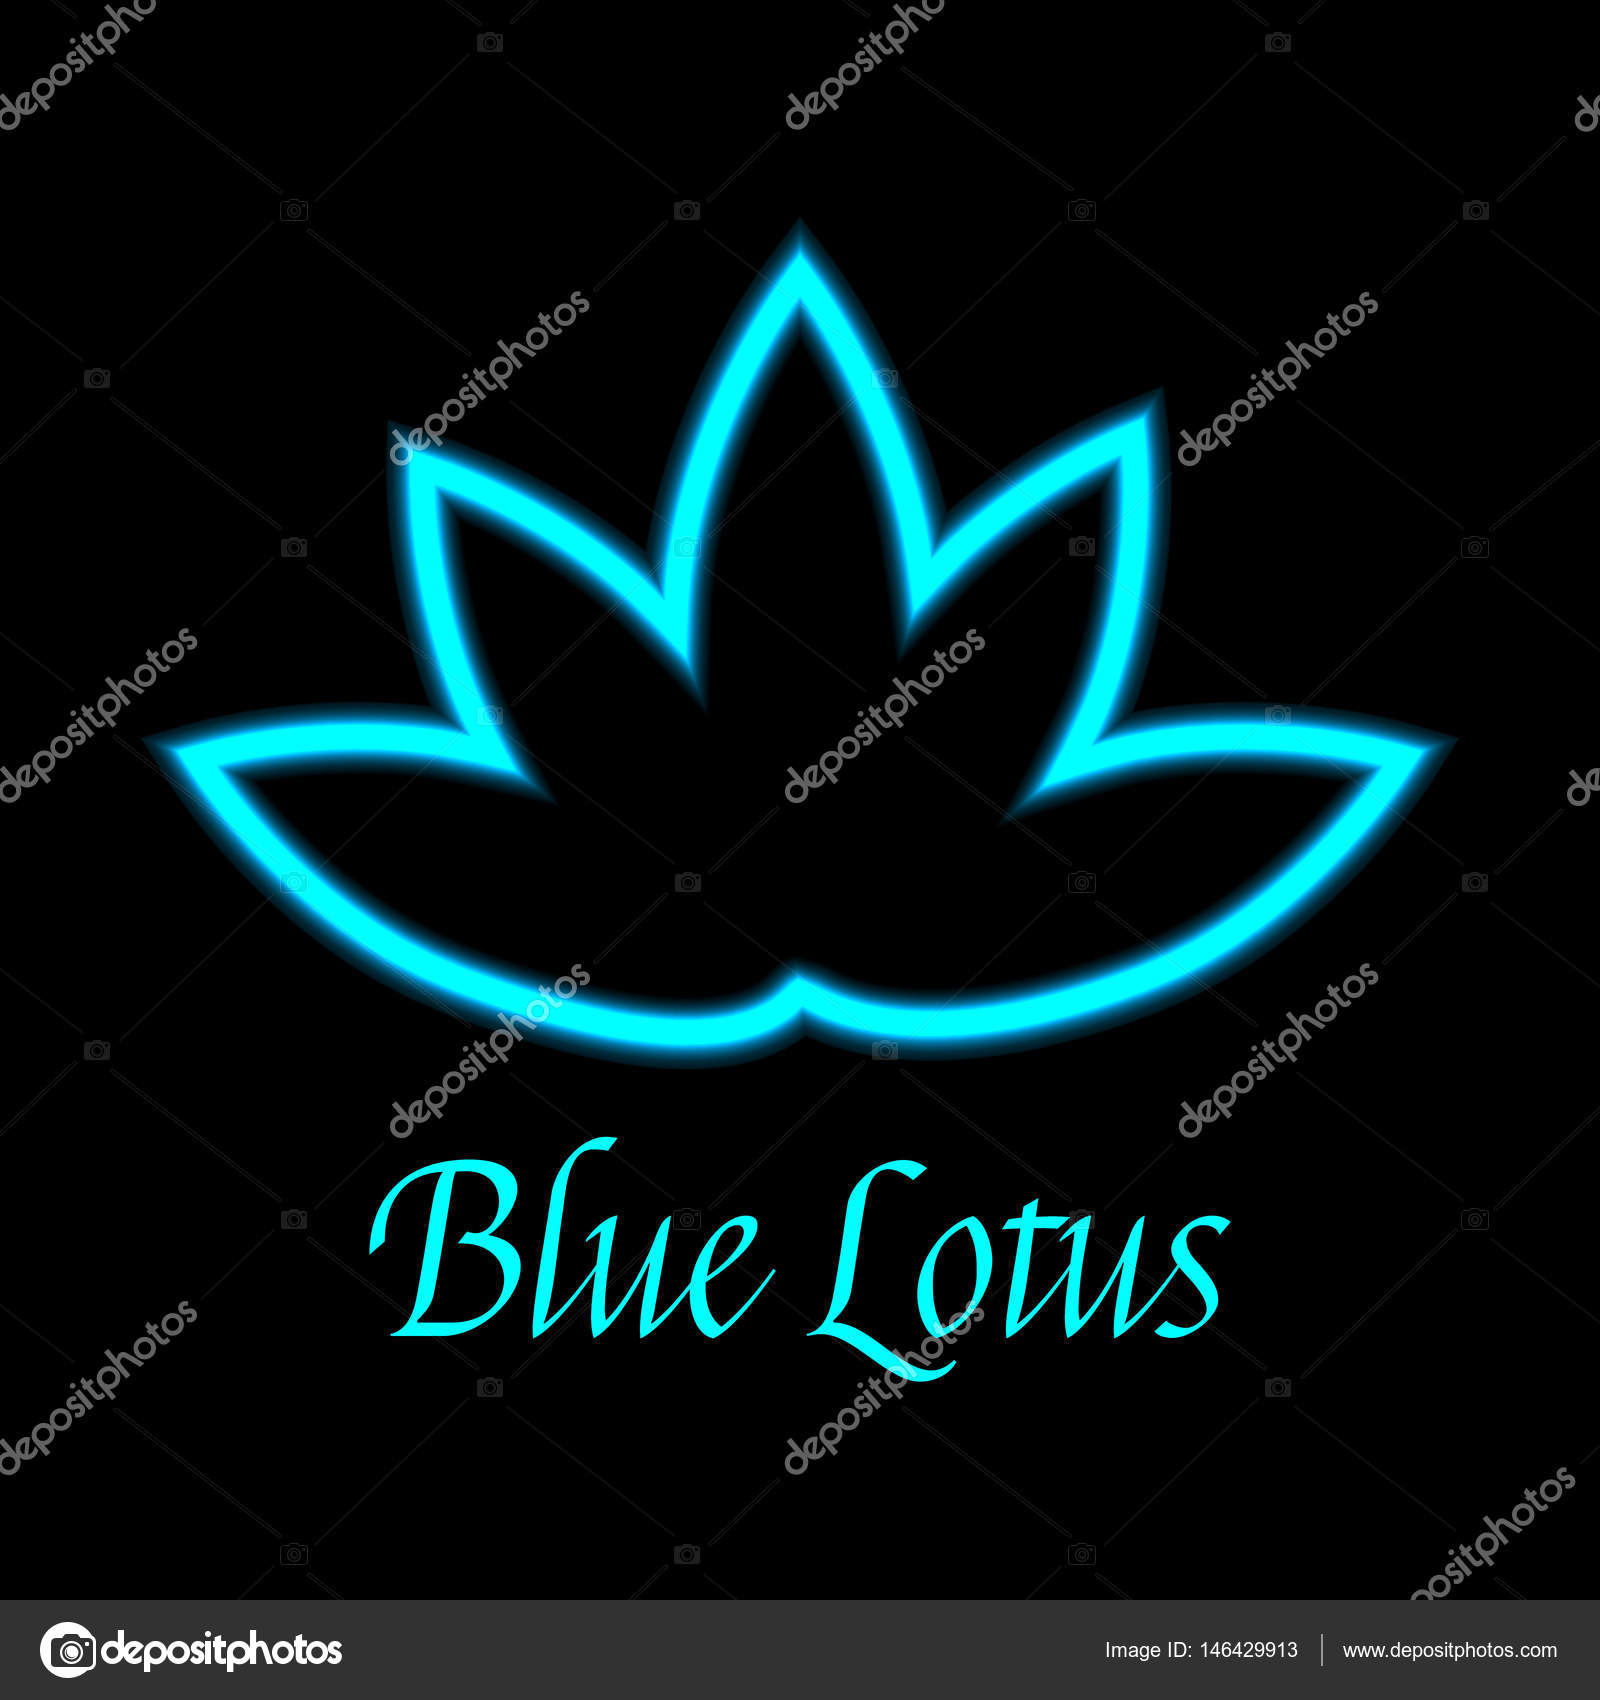 Icone Du Logo Fleur Lotus Bleu Image Vectorielle Foxyliam C 146429913